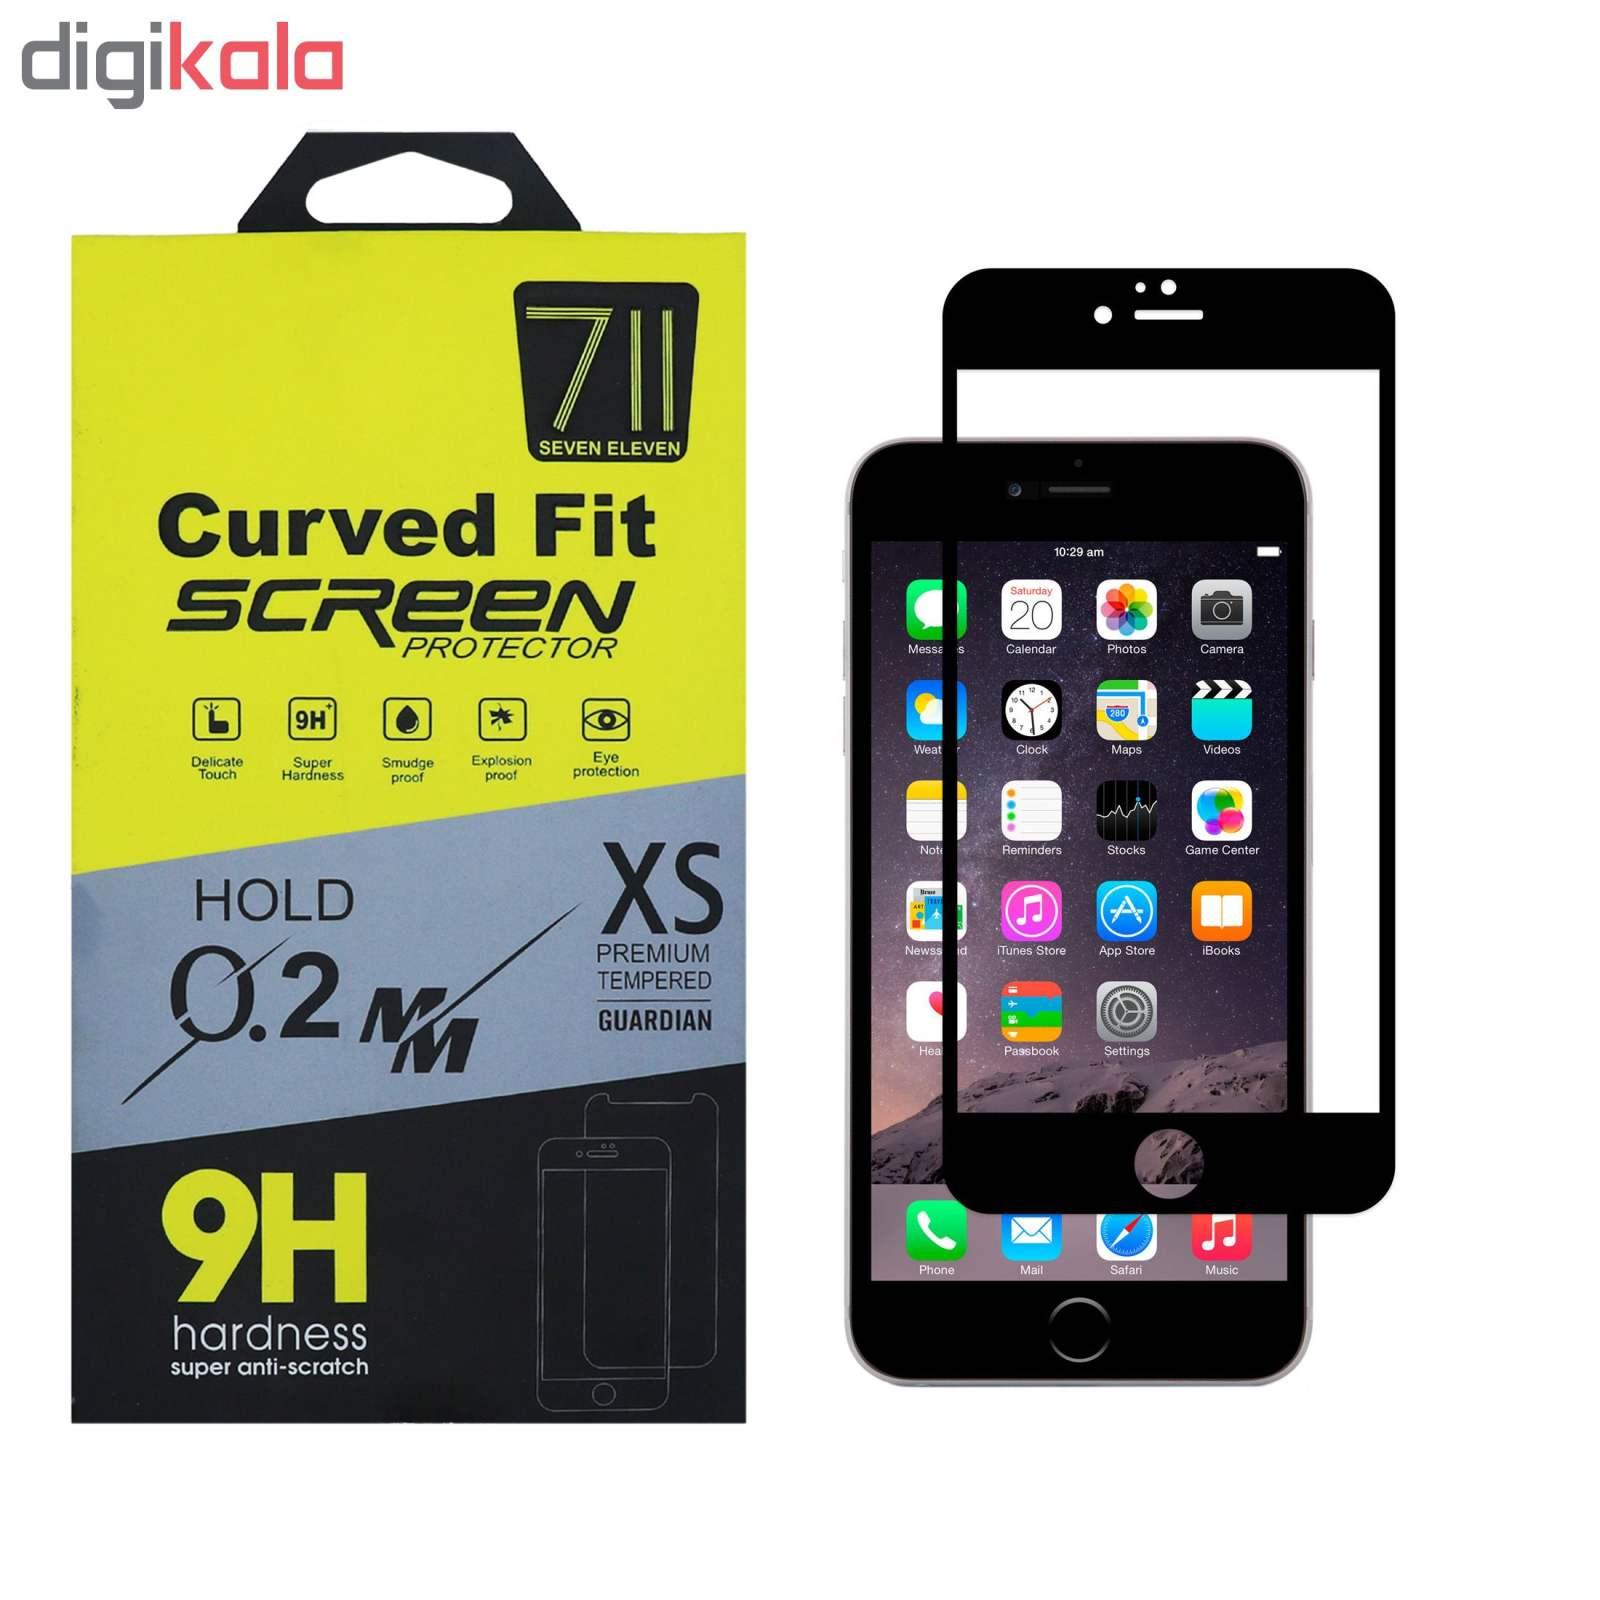 محافظ صفحه نمایش سون الون مدل Fls مناسب برای گوشی موبایل اپل IPhone 6 / 6S main 1 1